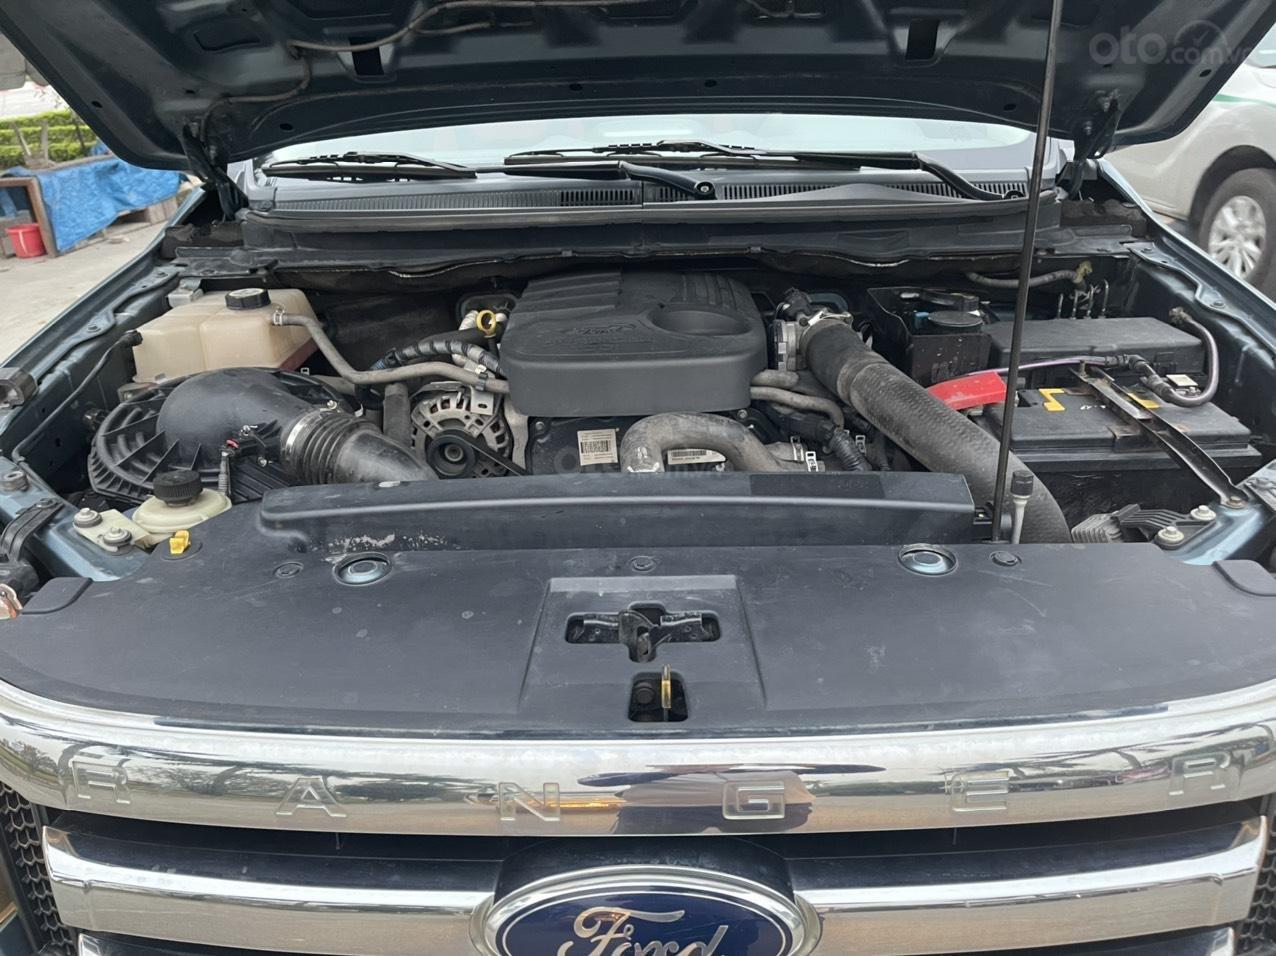 Ford Ranger XLT số sàn 2 cầu sx 2014, giá 456tr (11)